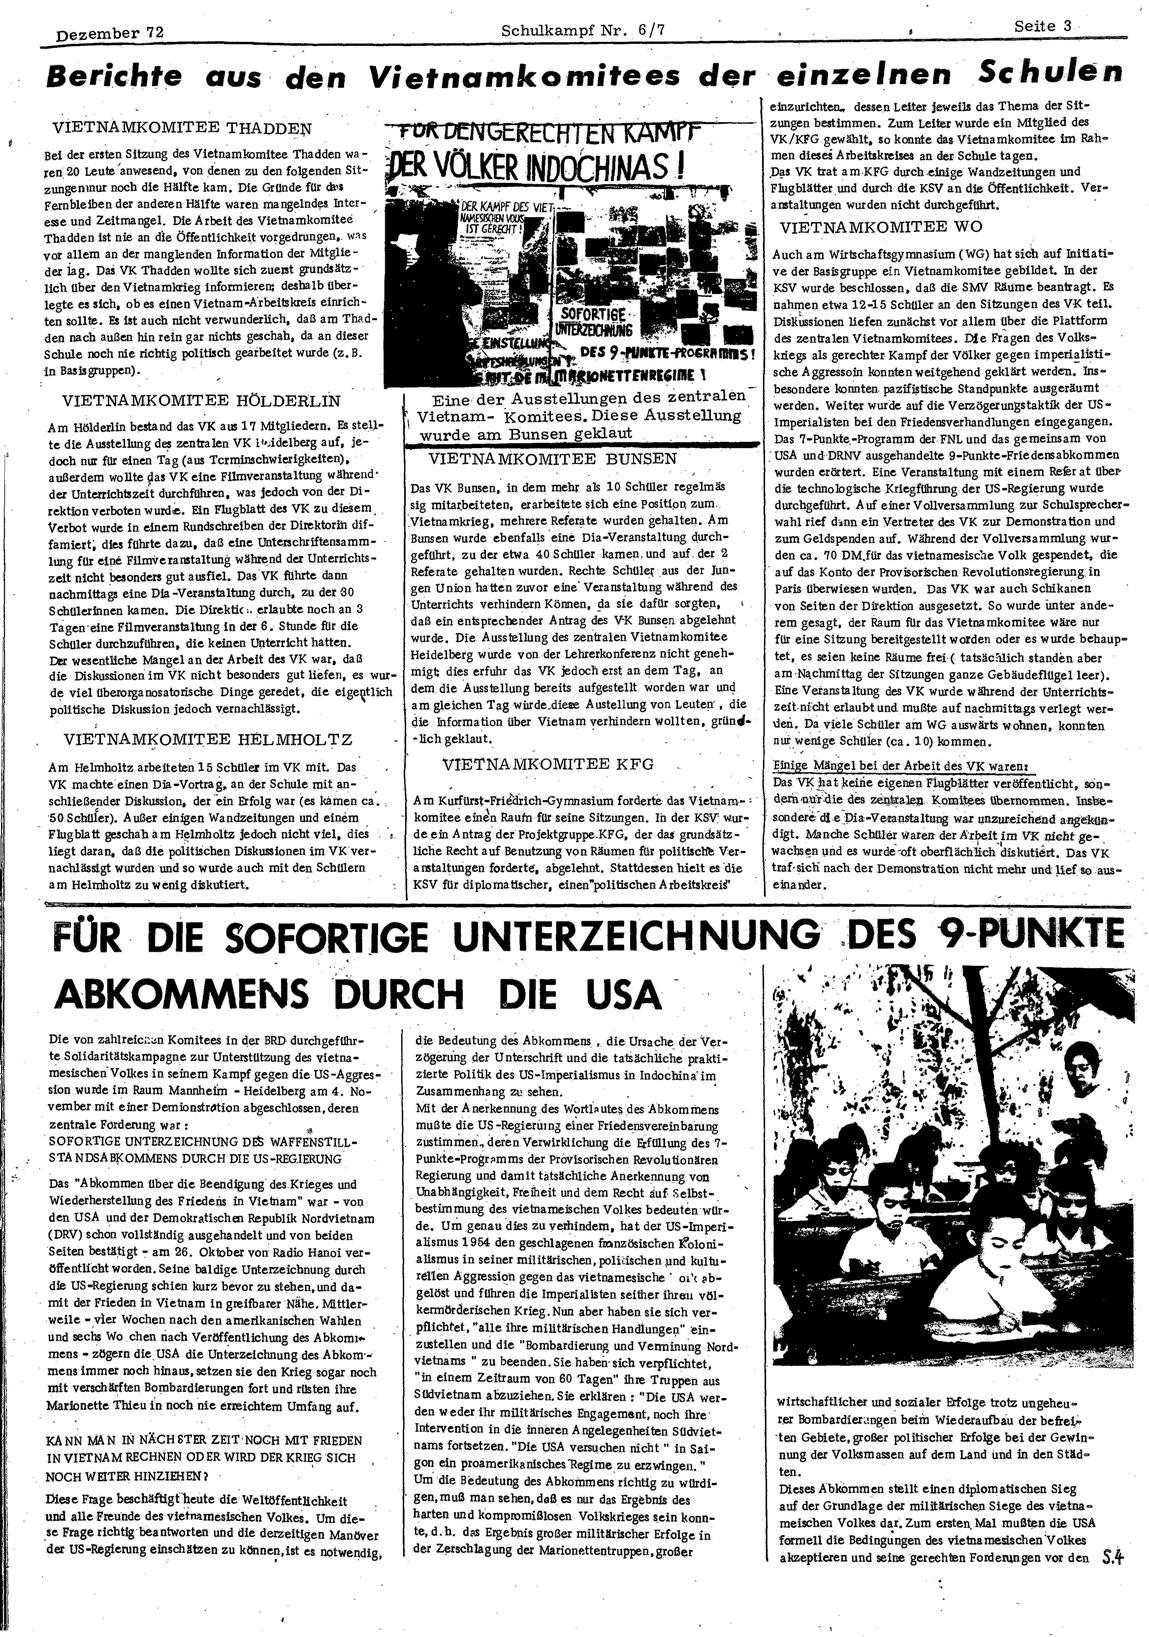 Schulkampf_HD_1972_06_03